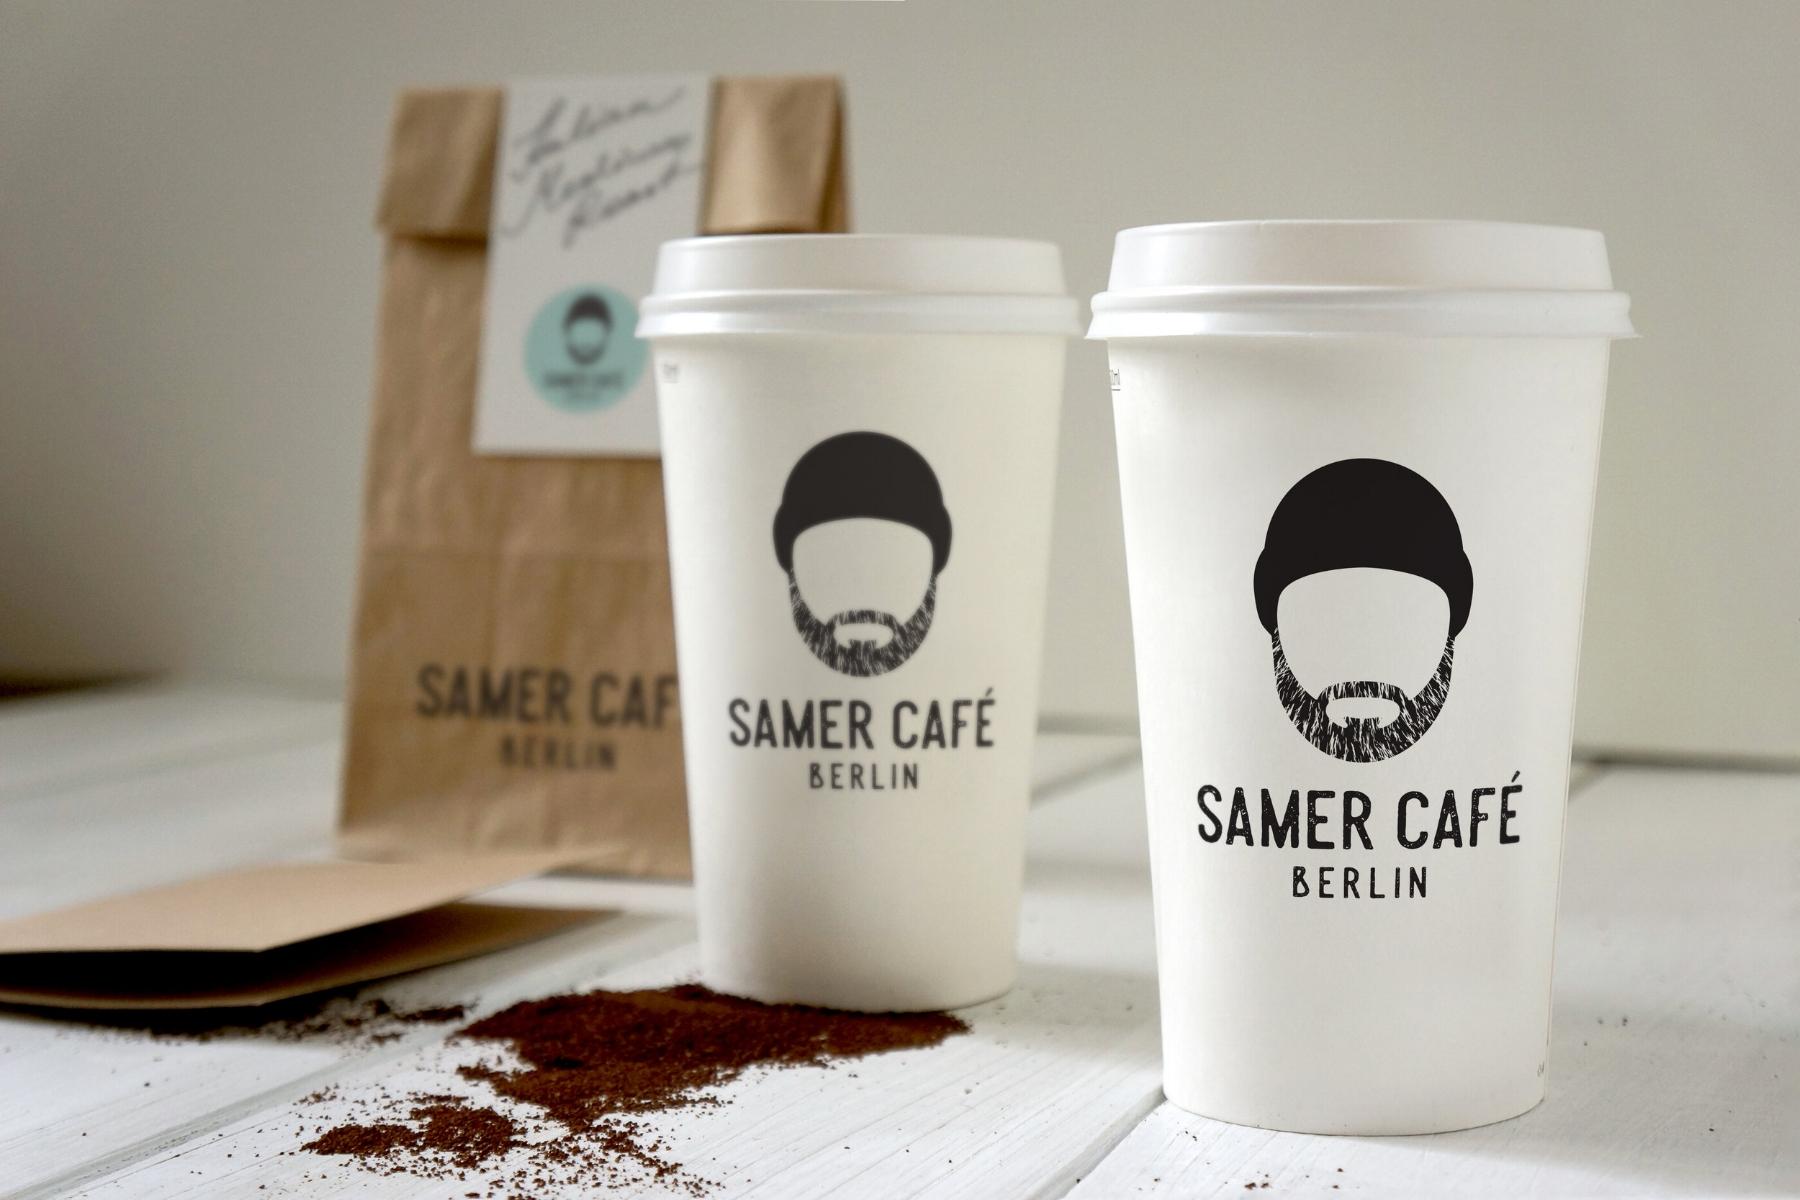 Samer Cafe